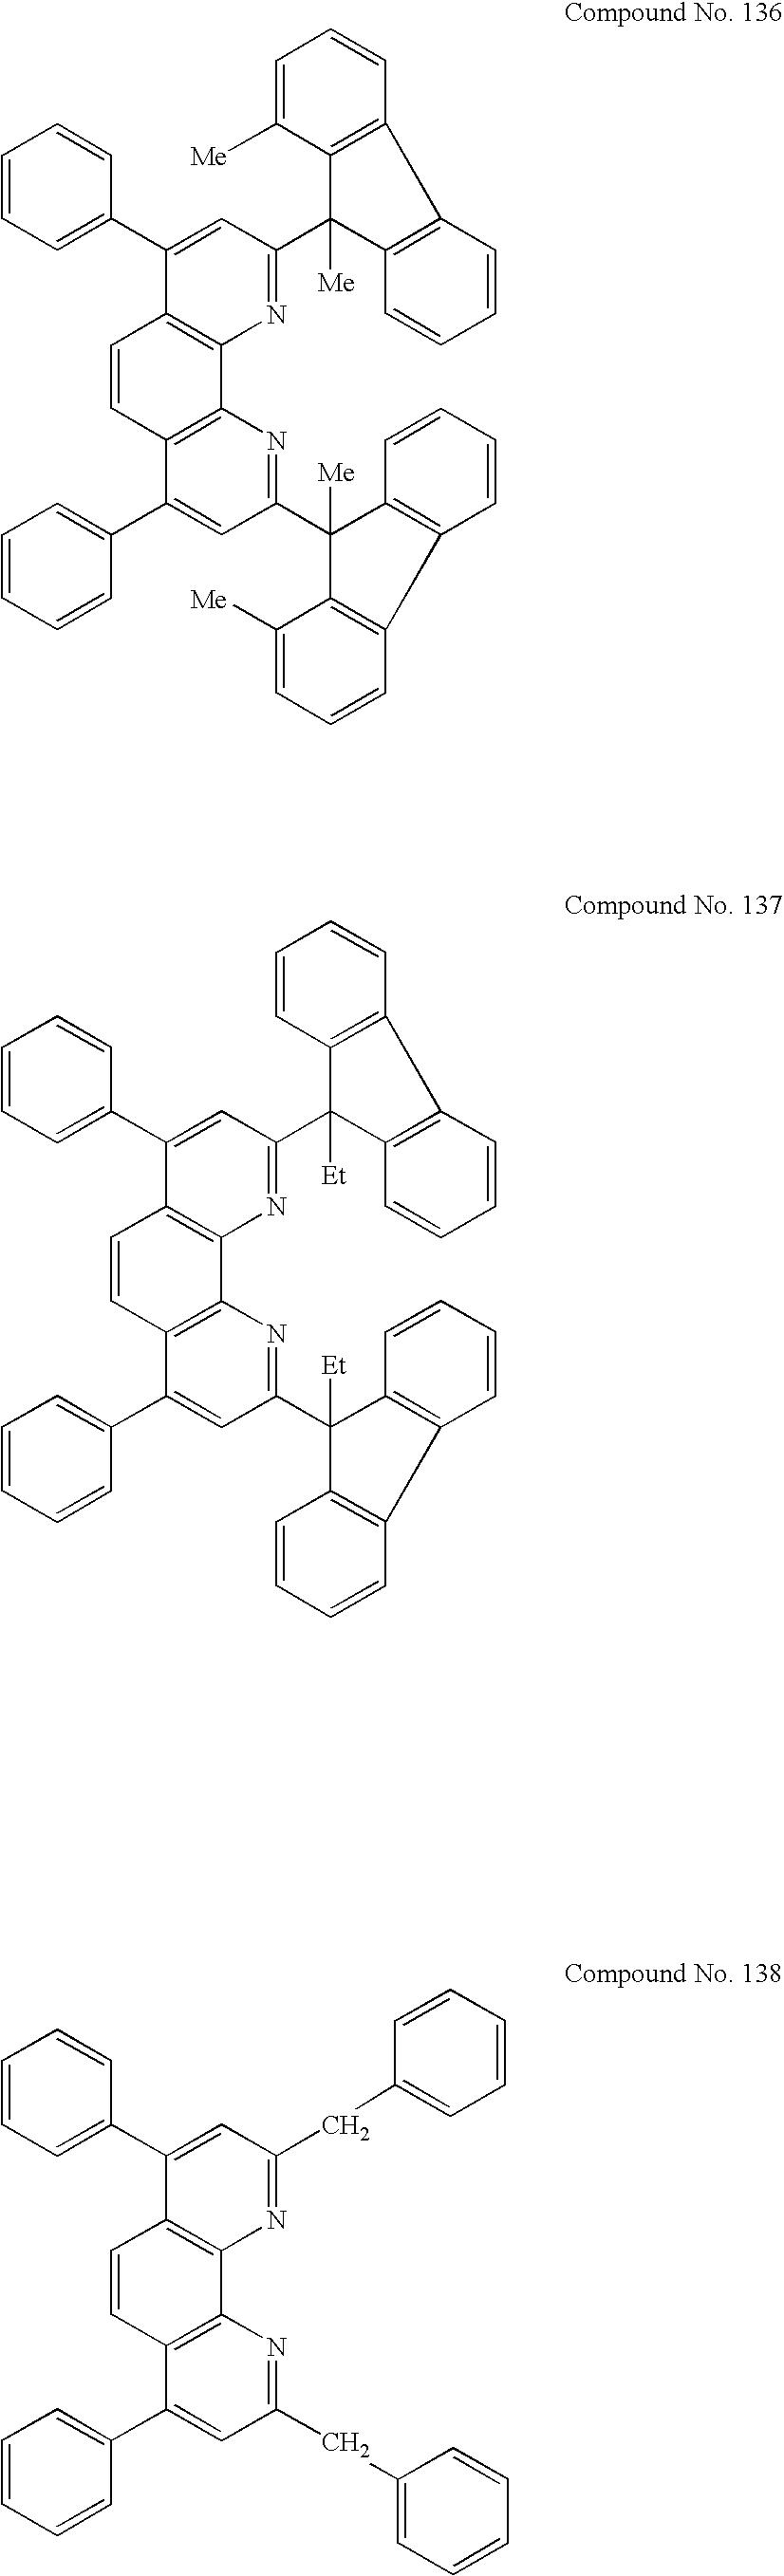 Figure US20050073641A1-20050407-C00044